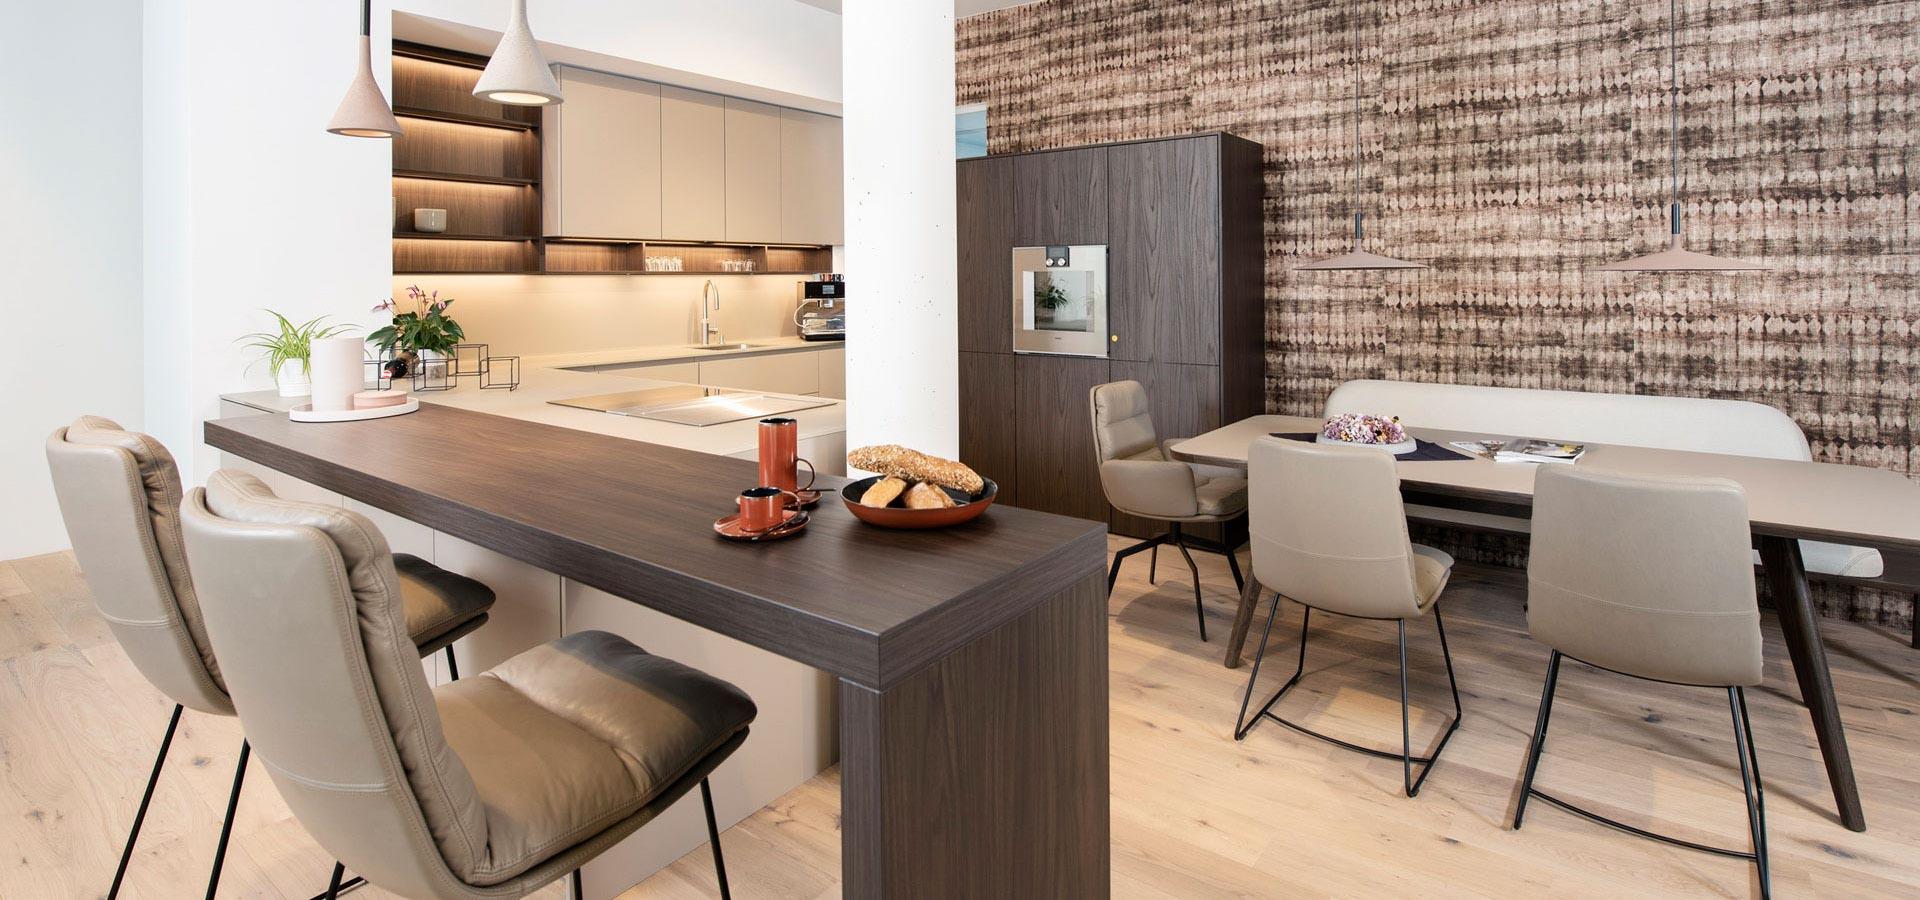 couchzone - Interior Design Innsbruck - Küche und Bar